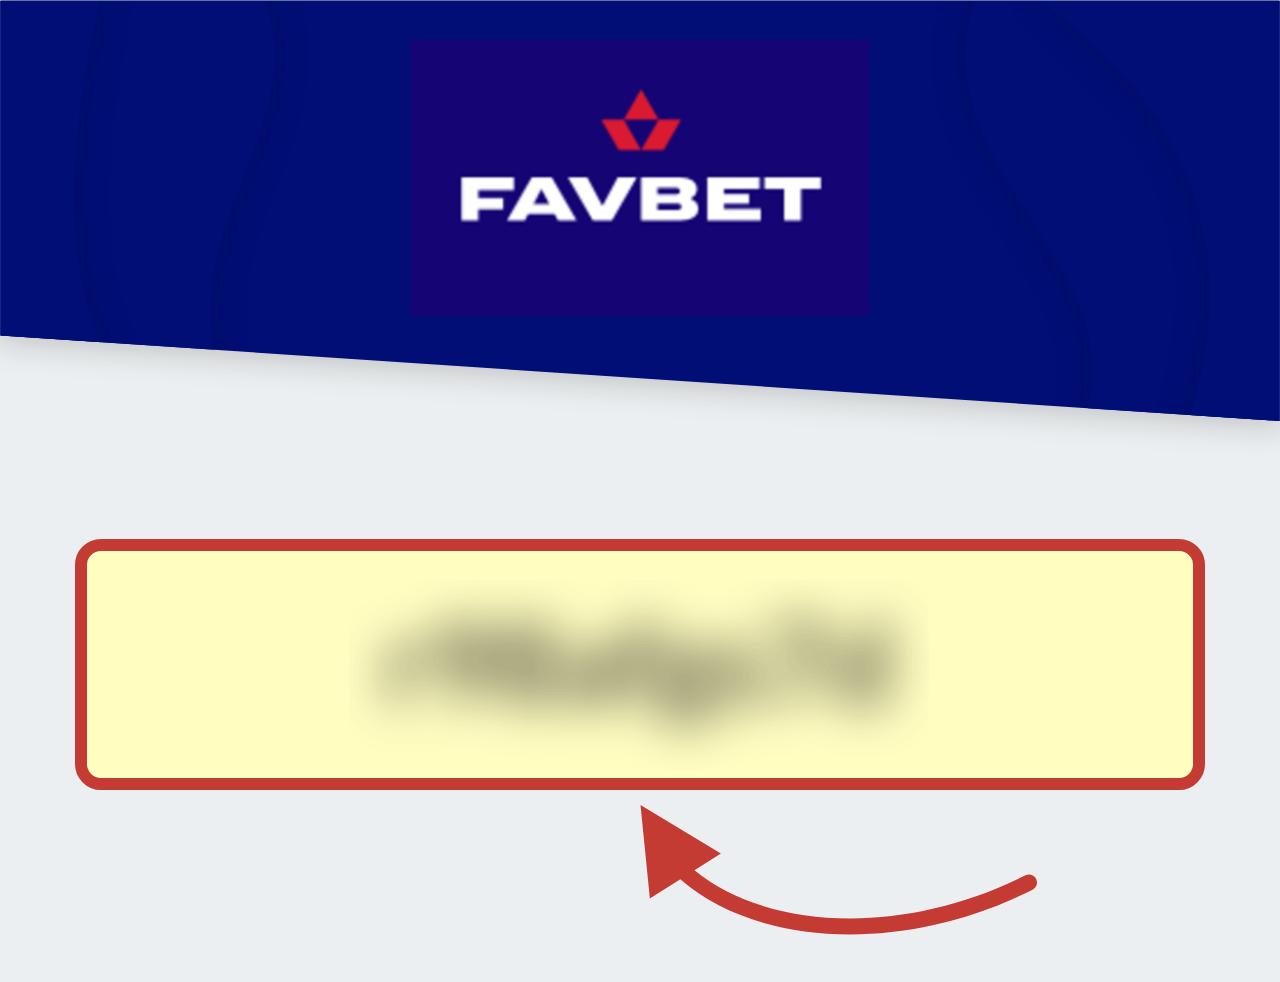 Favbet Codul Promoţional